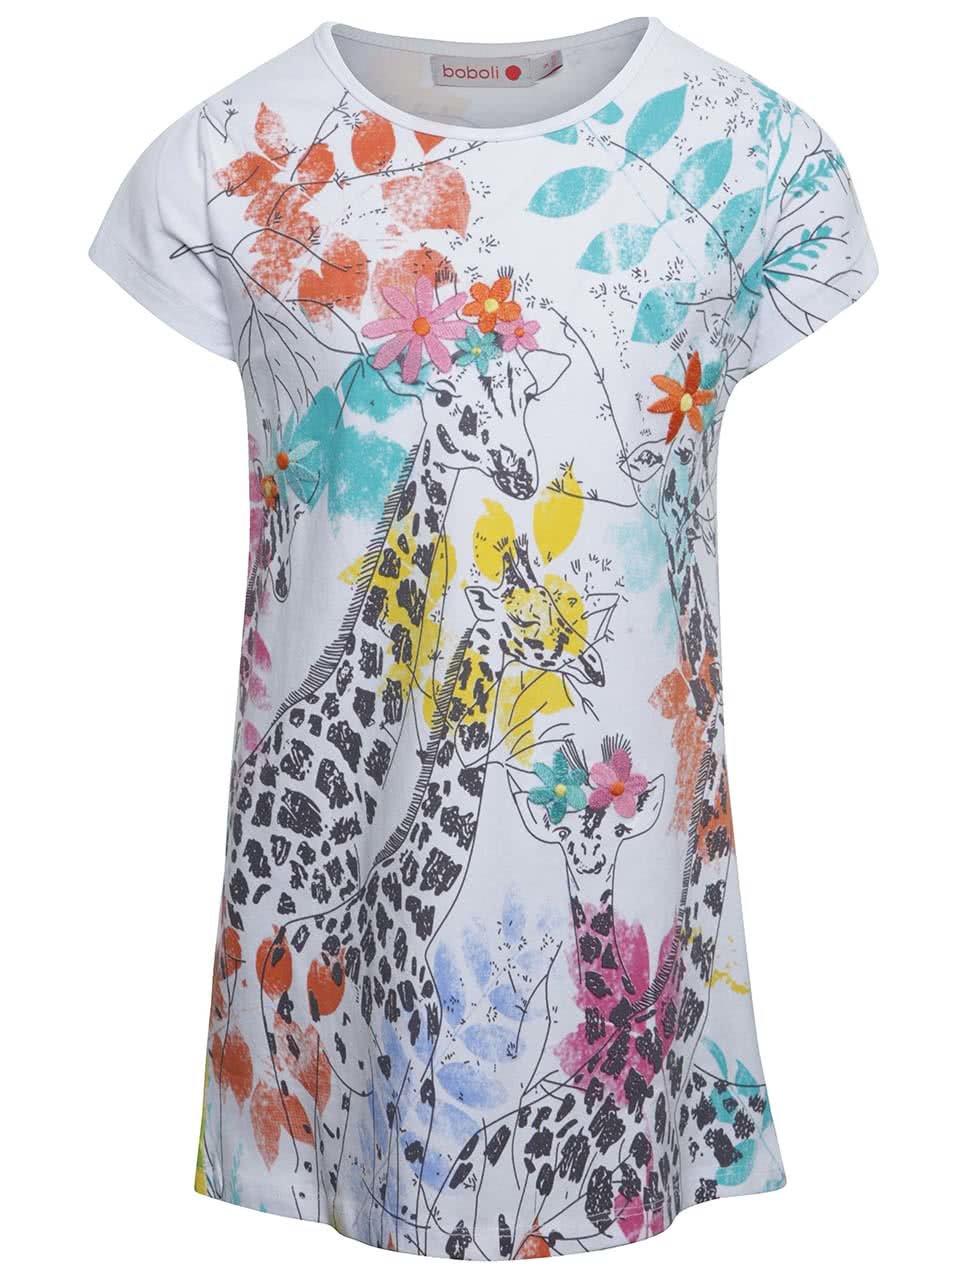 Bílé holčičí šaty s potiskem žiraf Bóboli